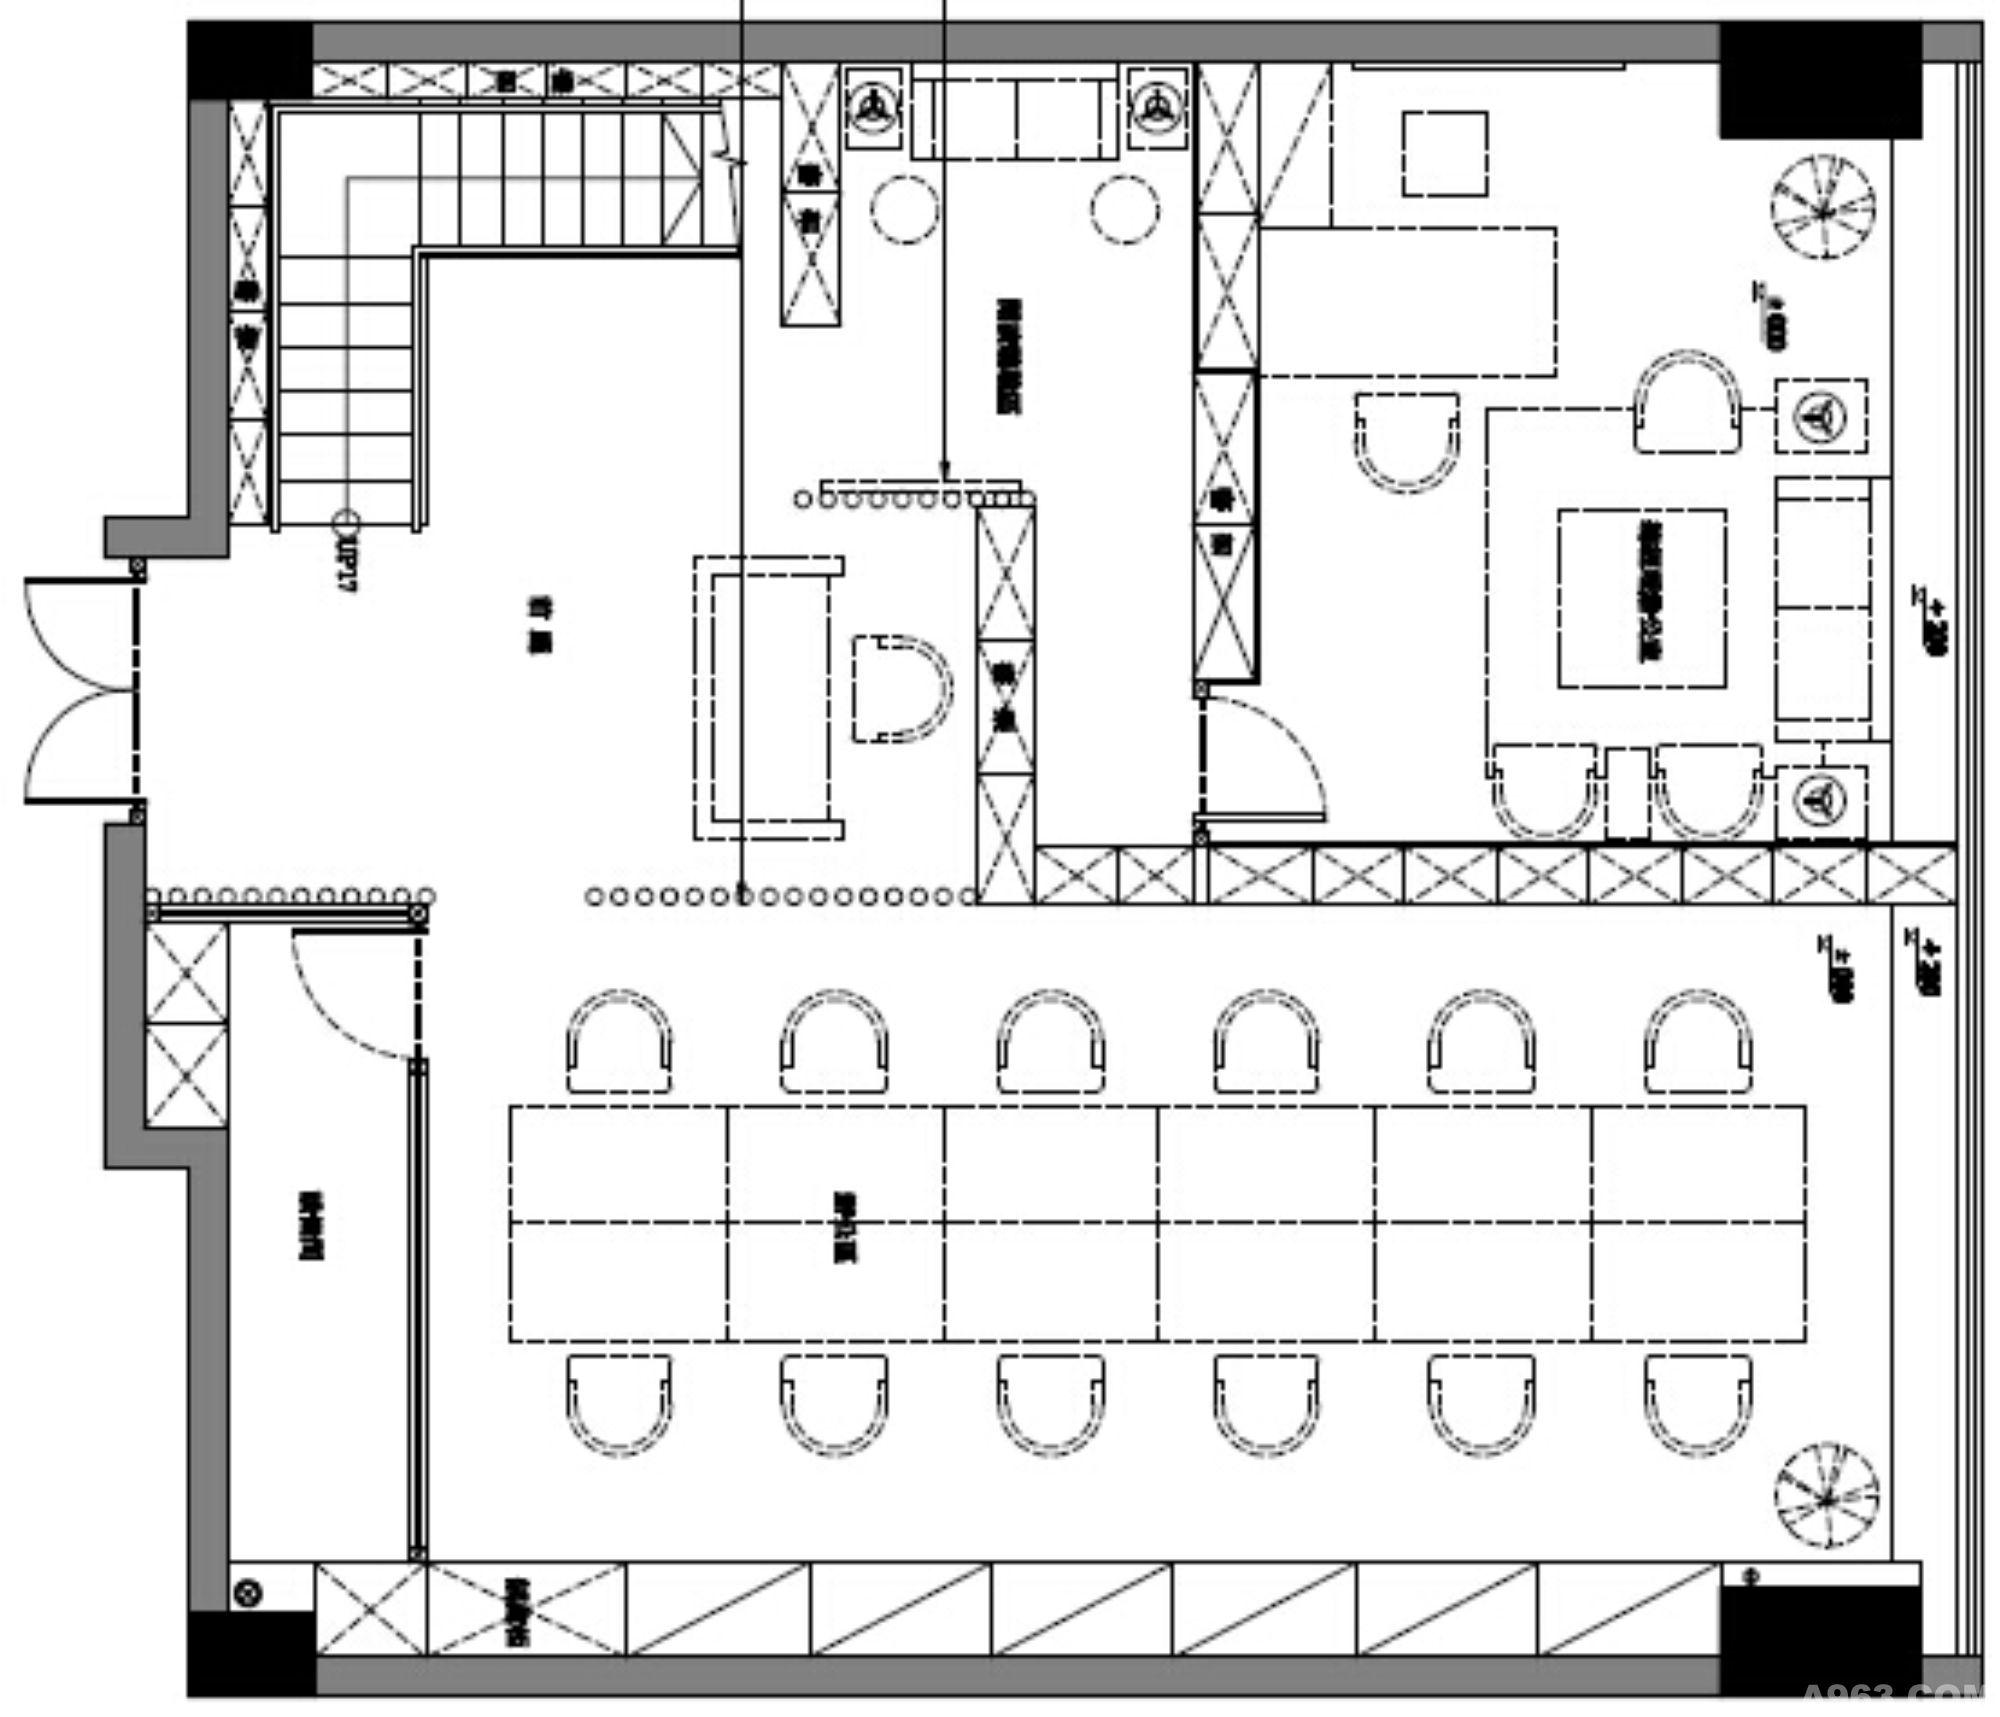 一心悦读 - 商业空间 - 第5页 - 蒋国兴设计作品案例